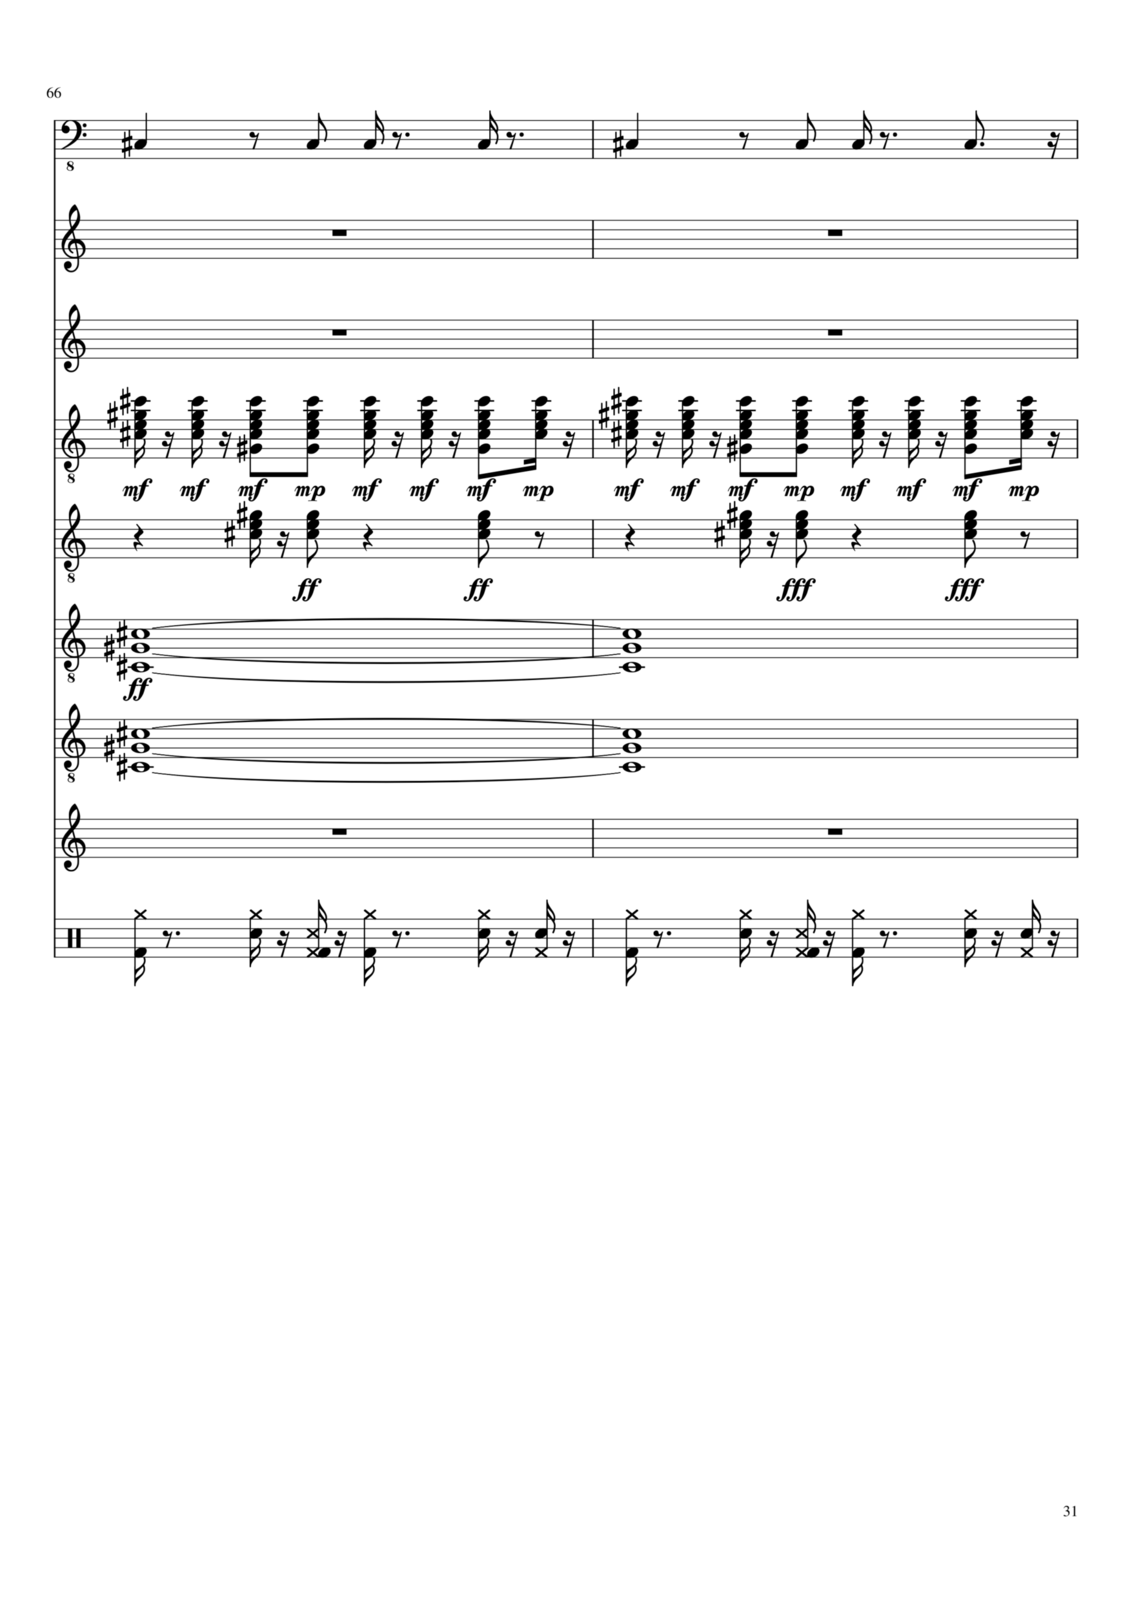 Serdtse slide, Image 31